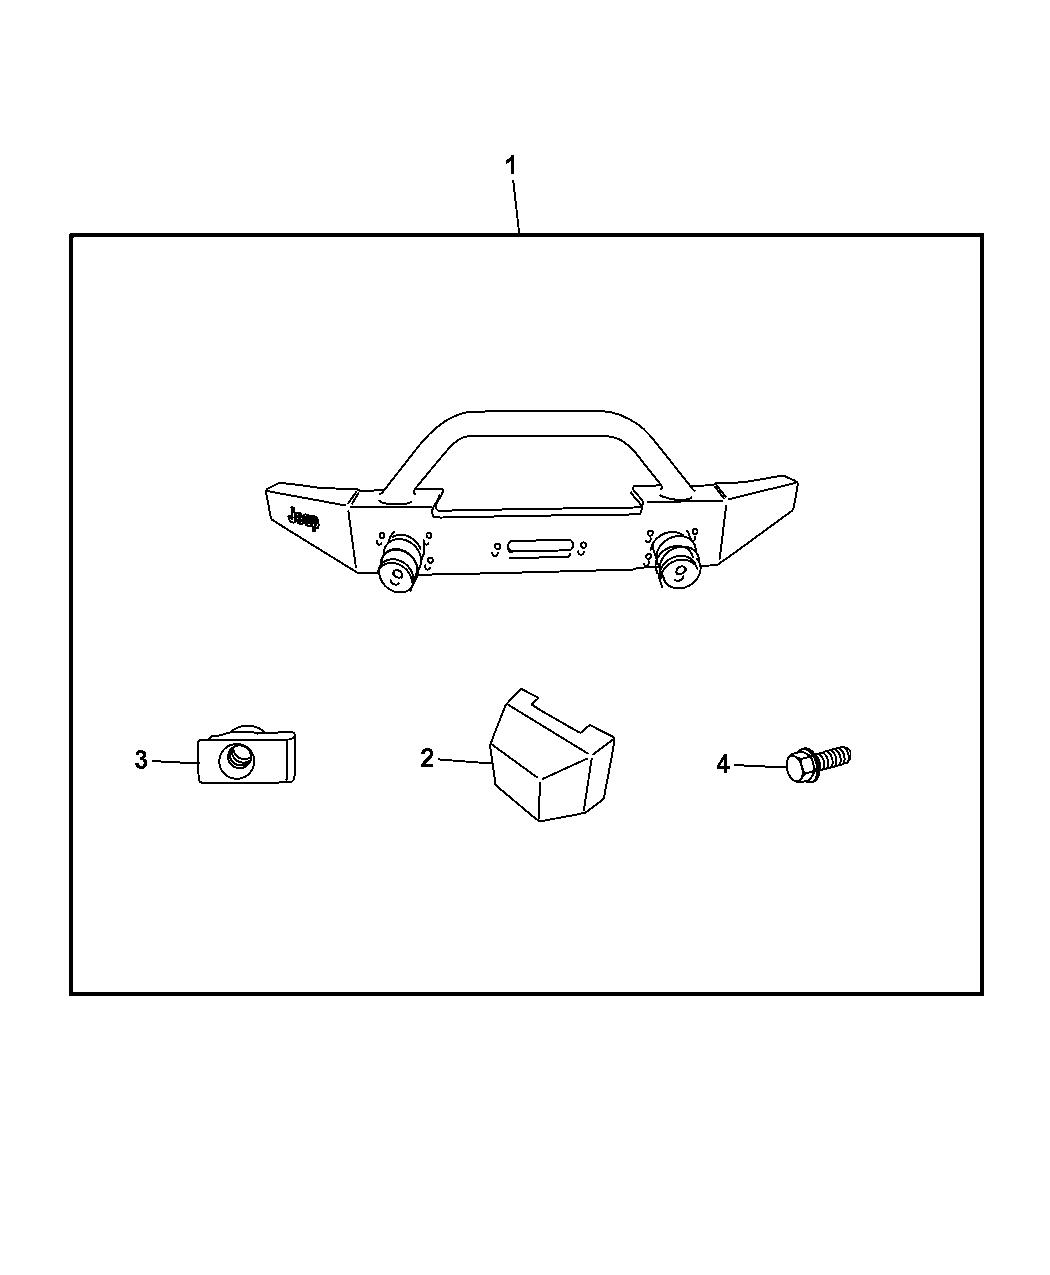 Jeep Wrangler Bumper Kit